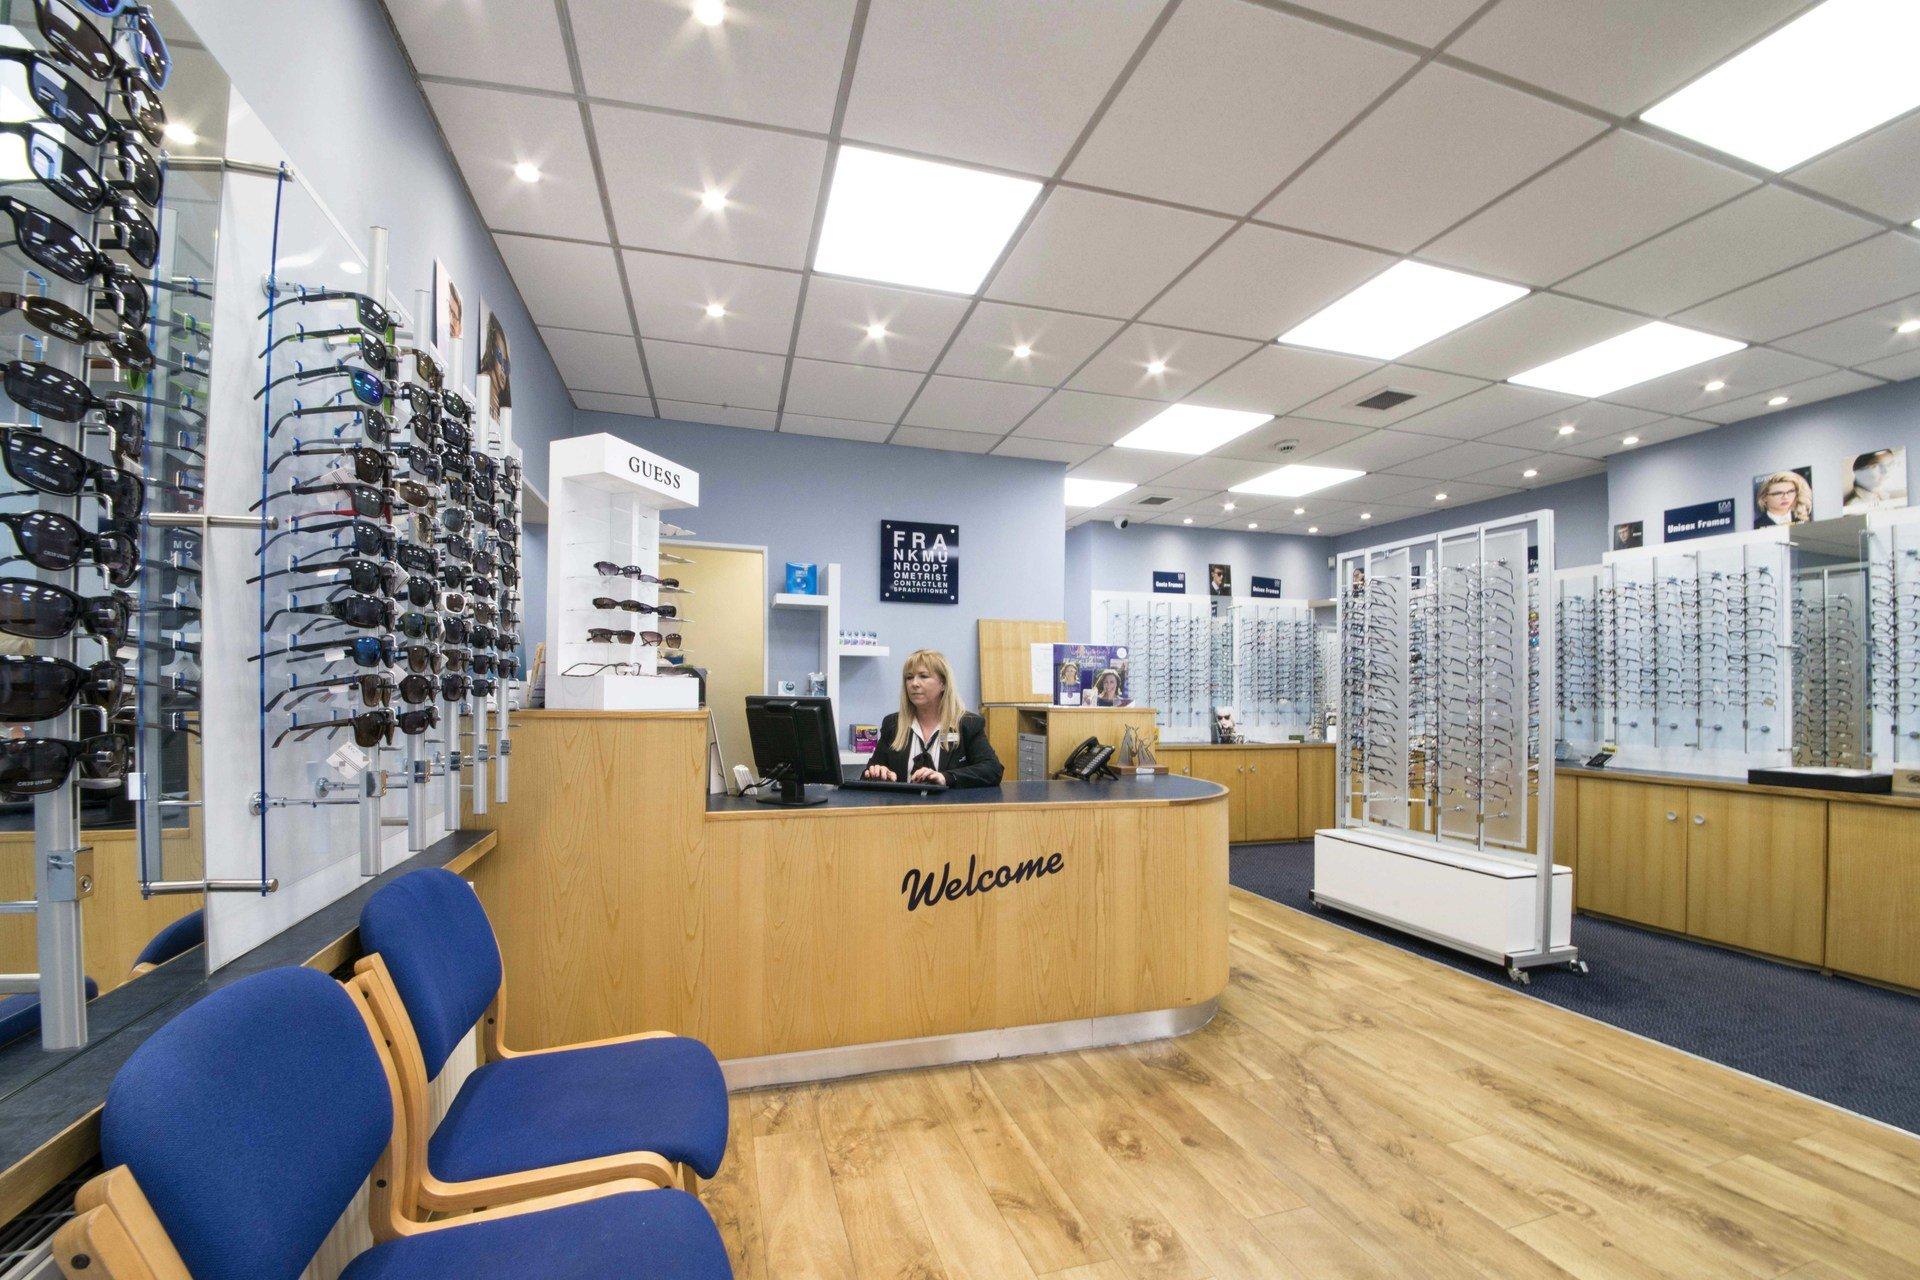 Optometrist reception area